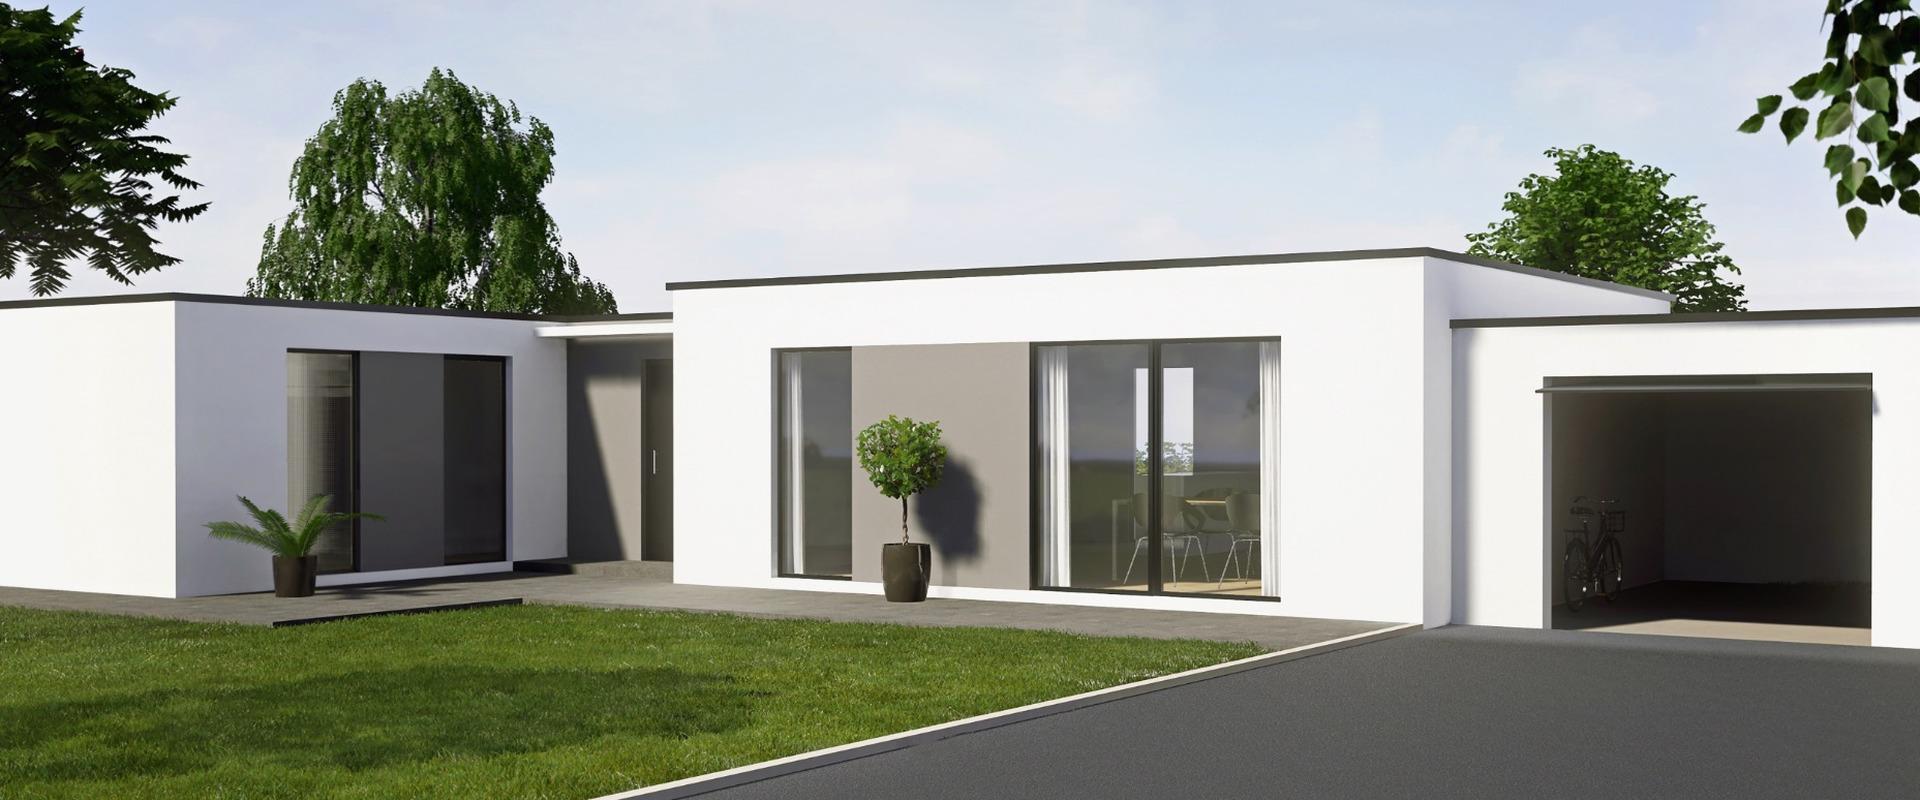 Entreprise de construction de maison neuve près de Bordeaux